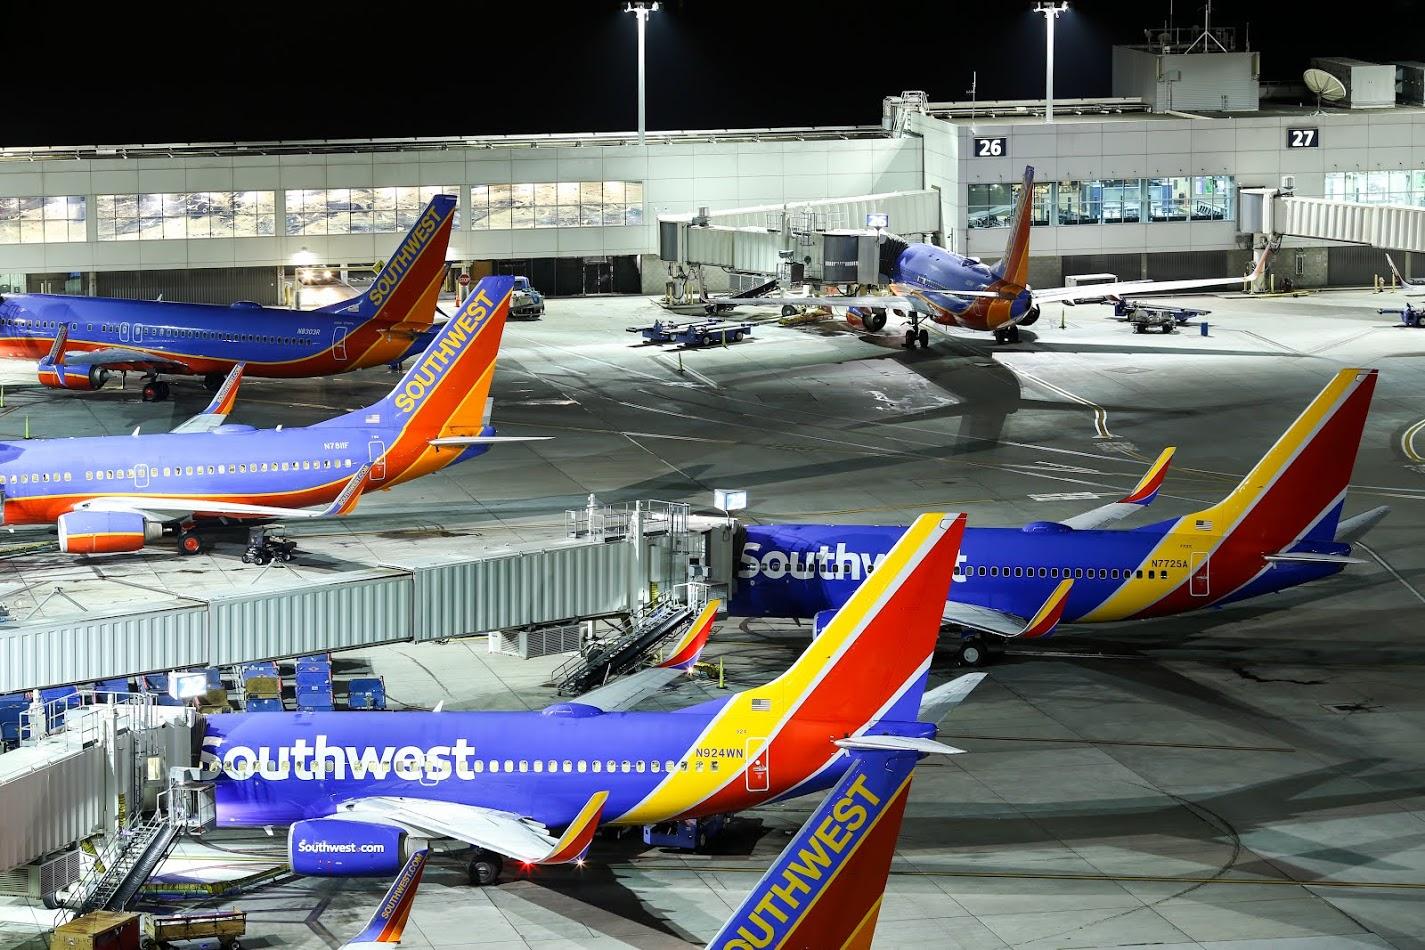 Southwest Airlines Announces Four New Nonstop Destinations